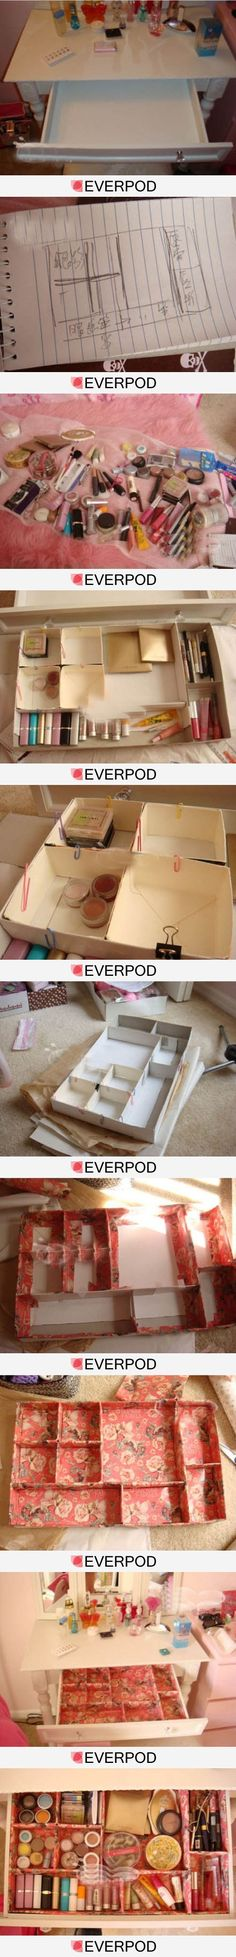 DIY drawer organizer.